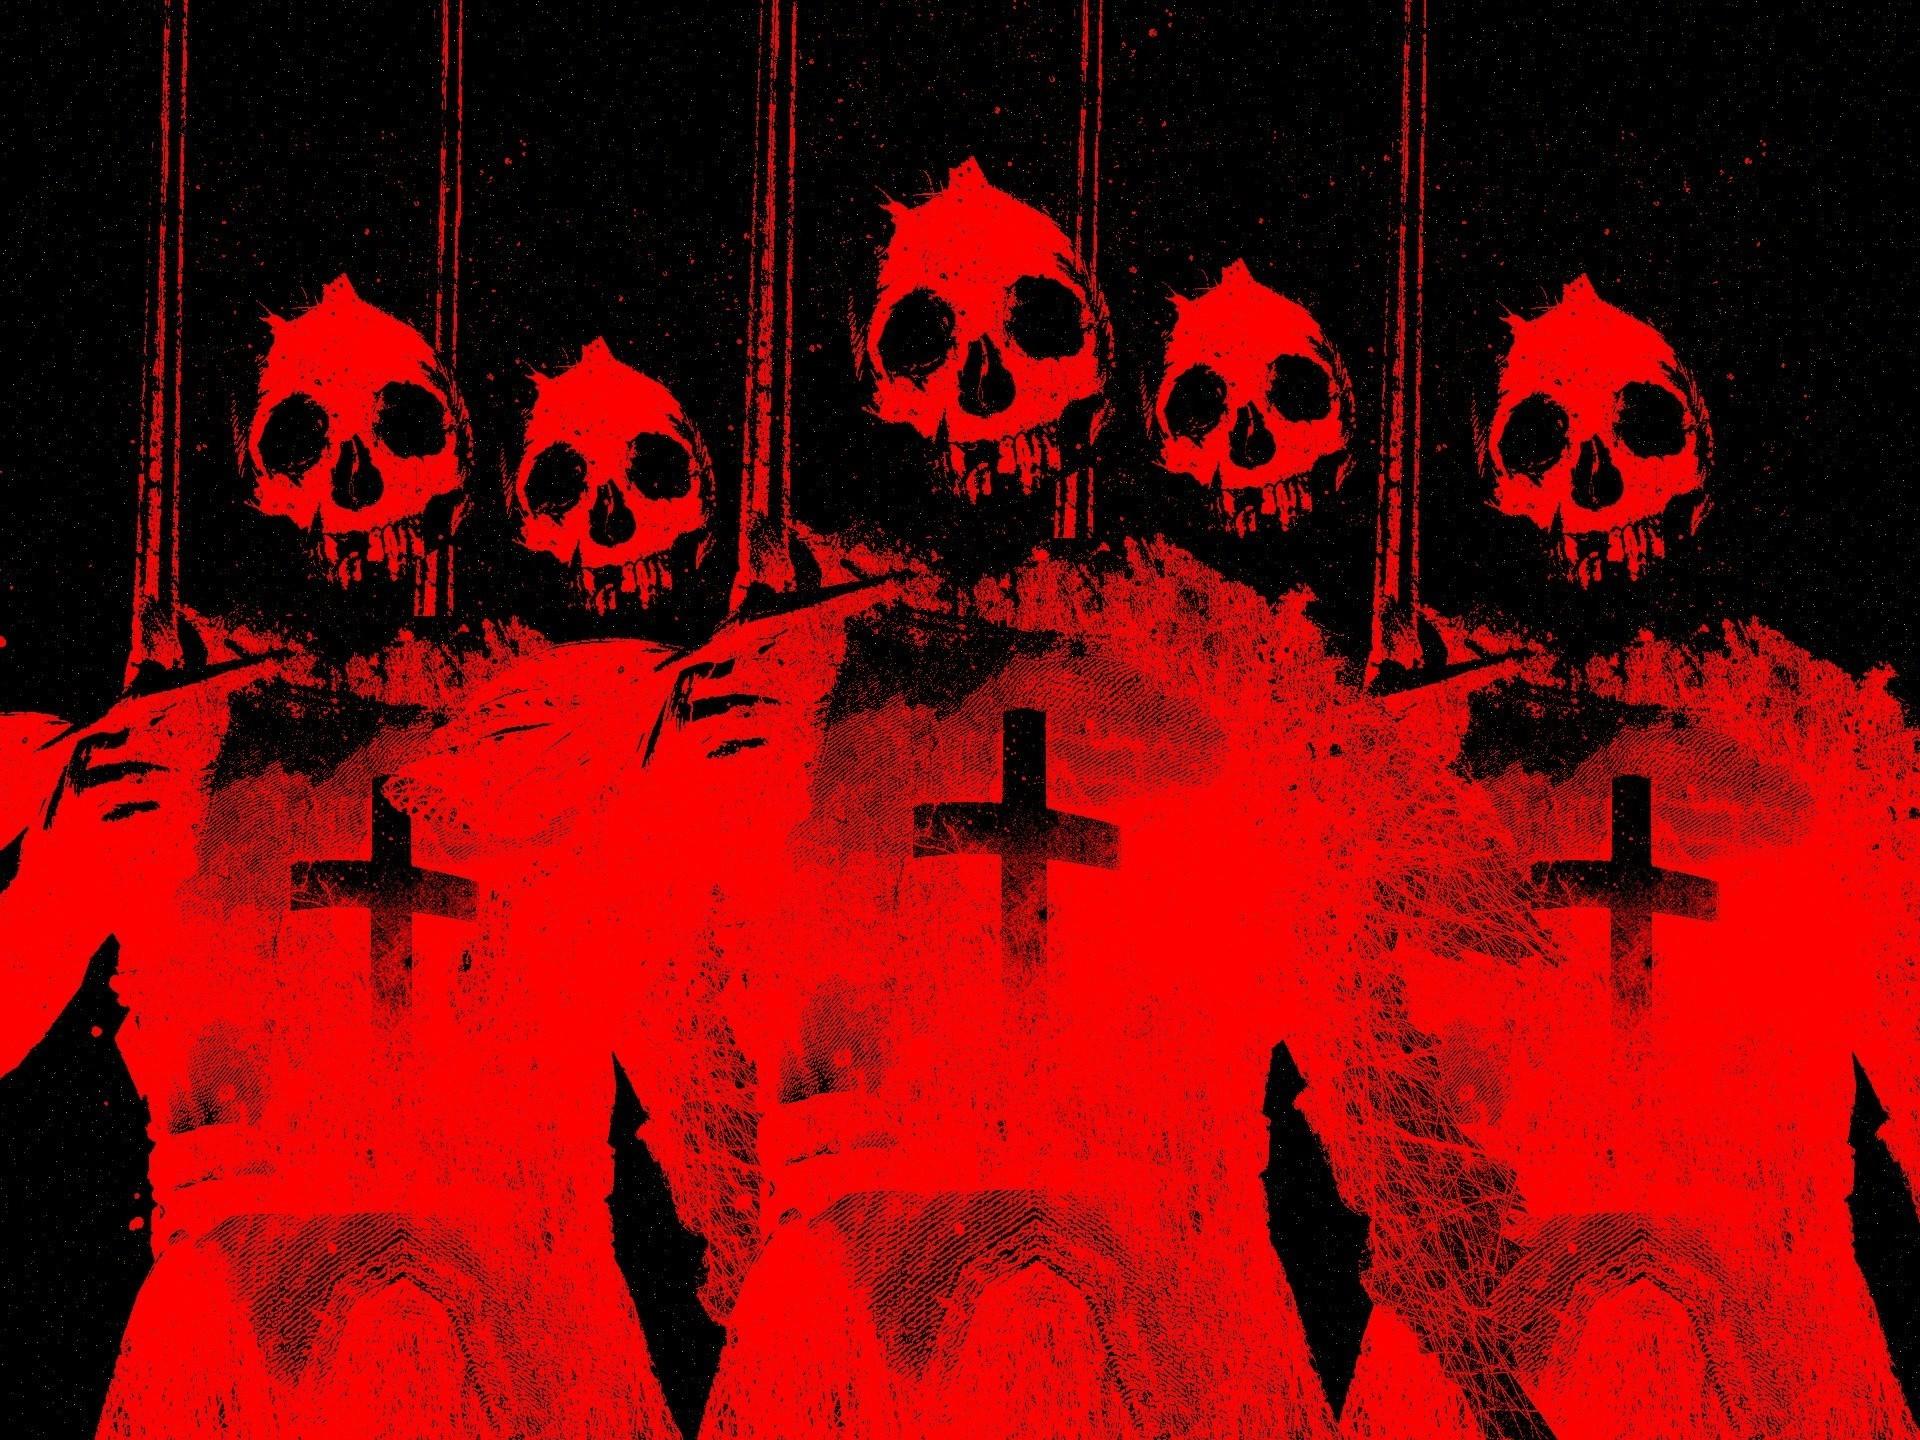 Satanic Iphone Wallpaper Satanist Wallpaper 183 ① Wallpapertag